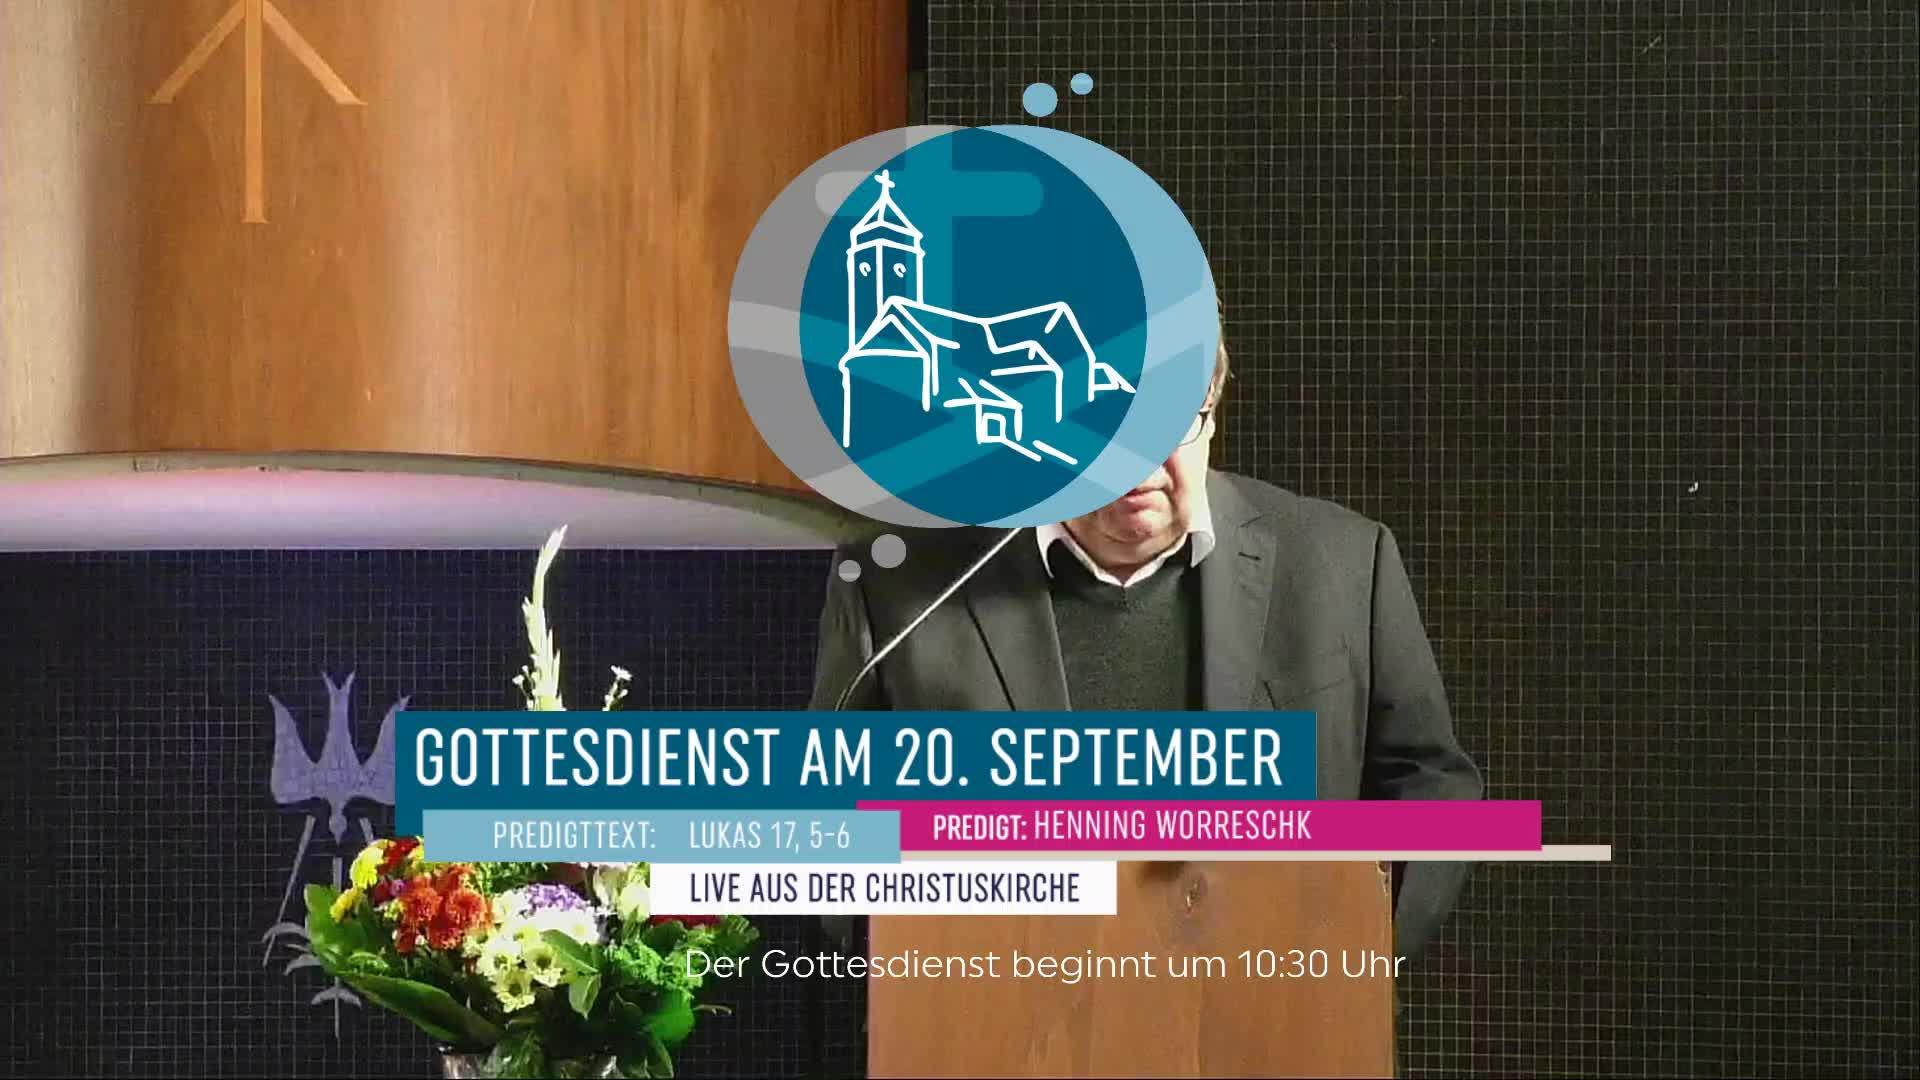 Gottesdienst  am 20. September - Gottesdienst (Aufzeichnung) aus der Christuskirche Altona